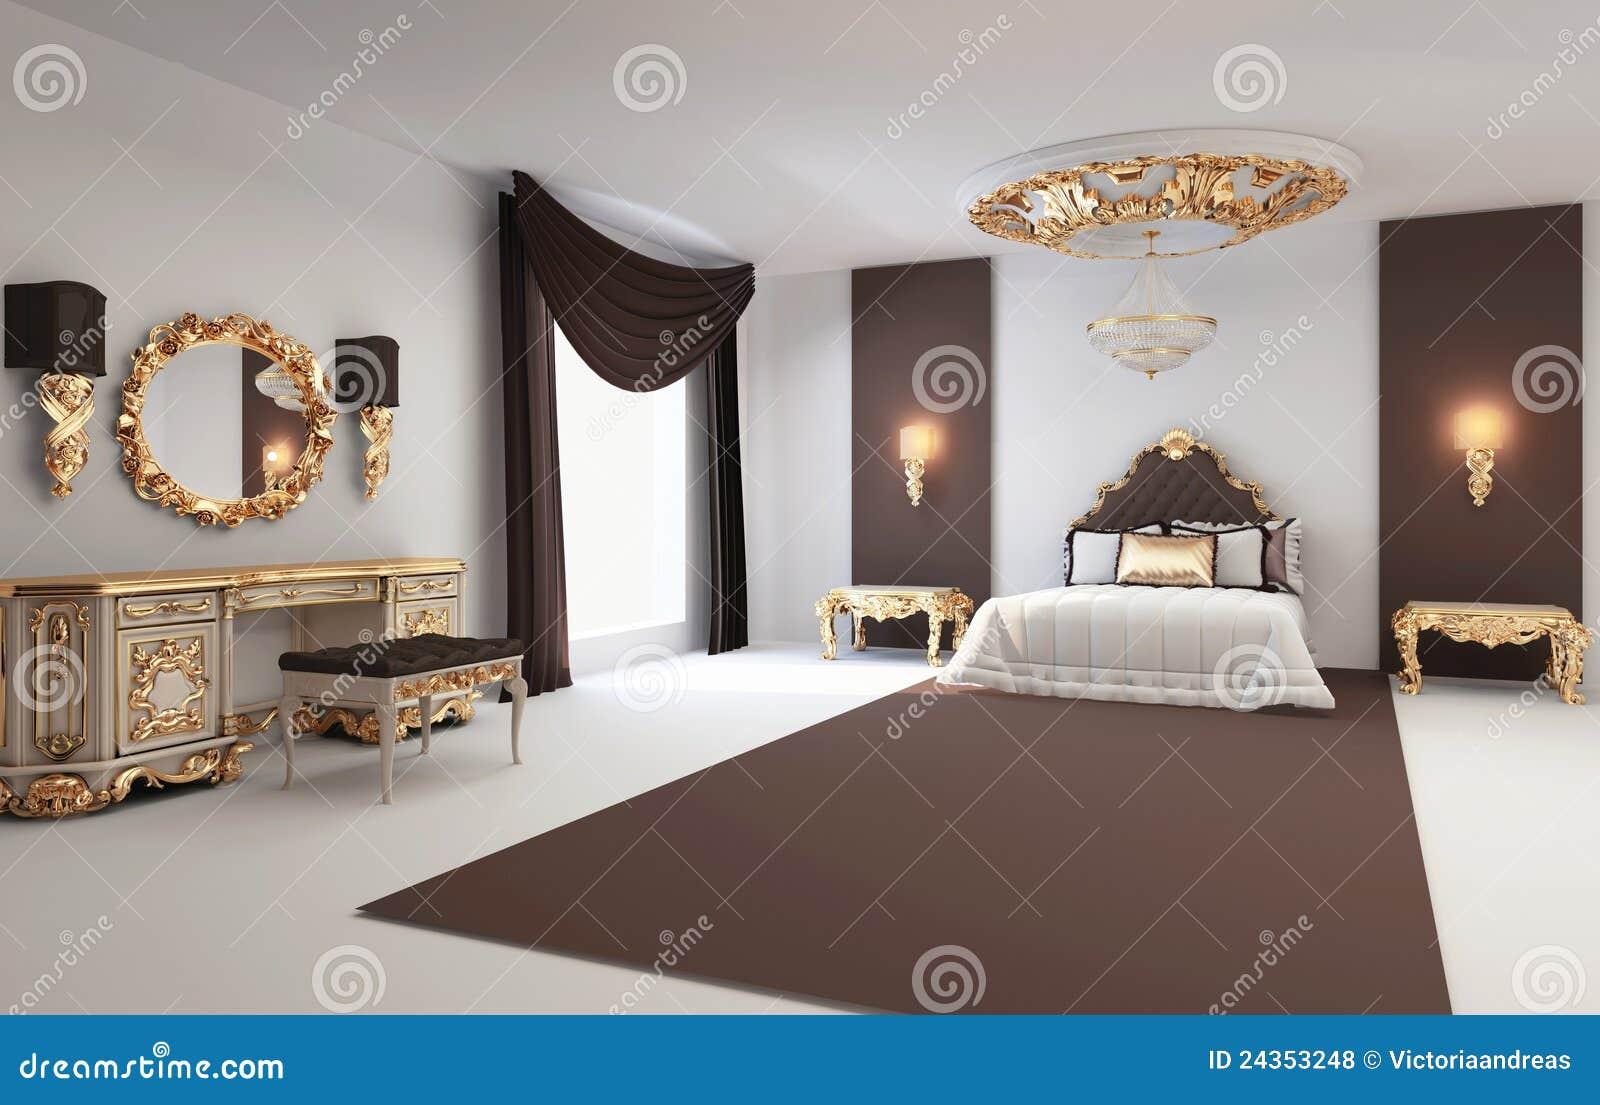 Chambre à coucher de luxe avec les meubles d'or photographie stock ...